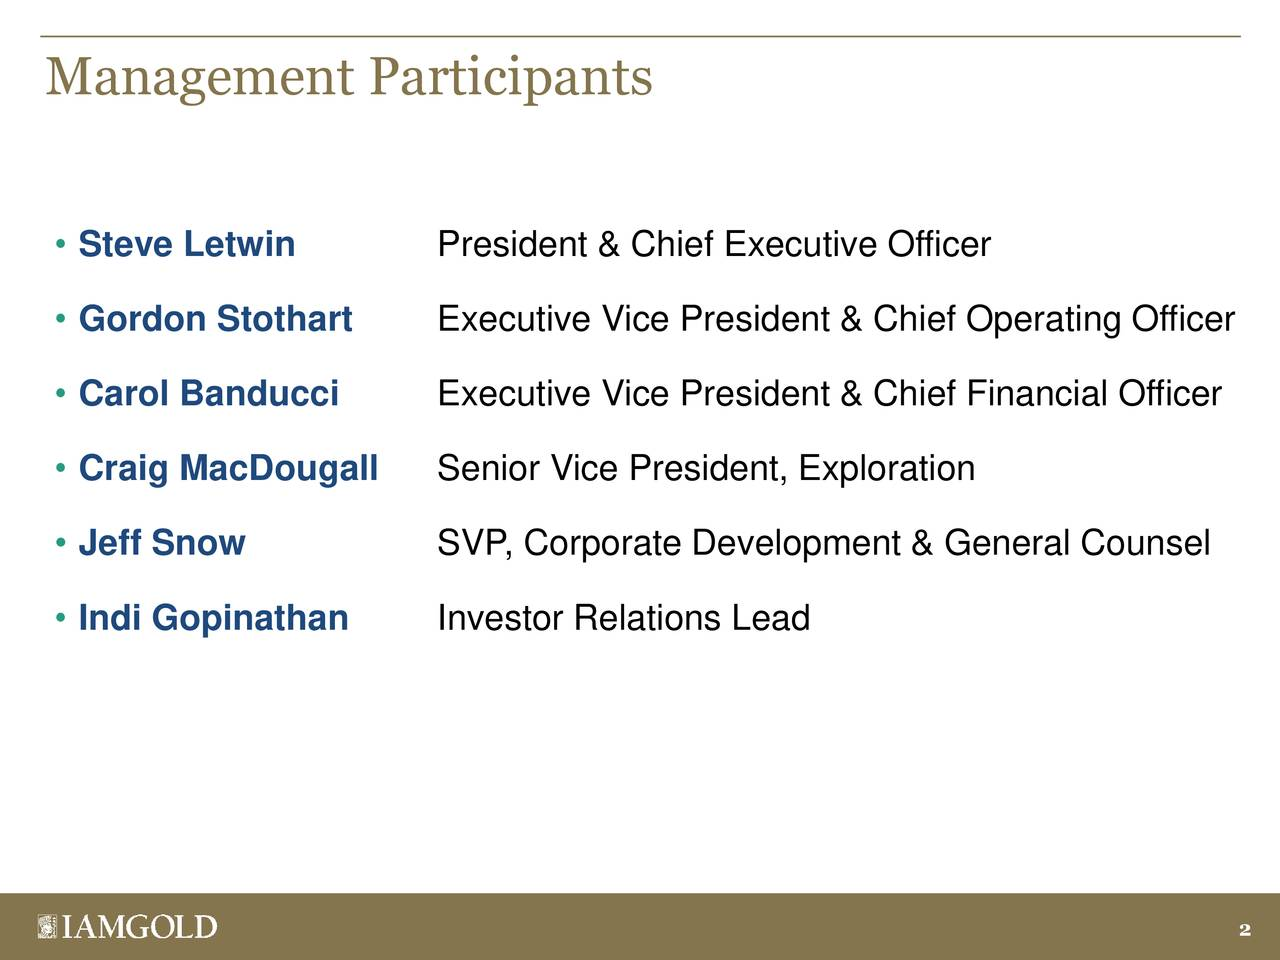 Management Participants